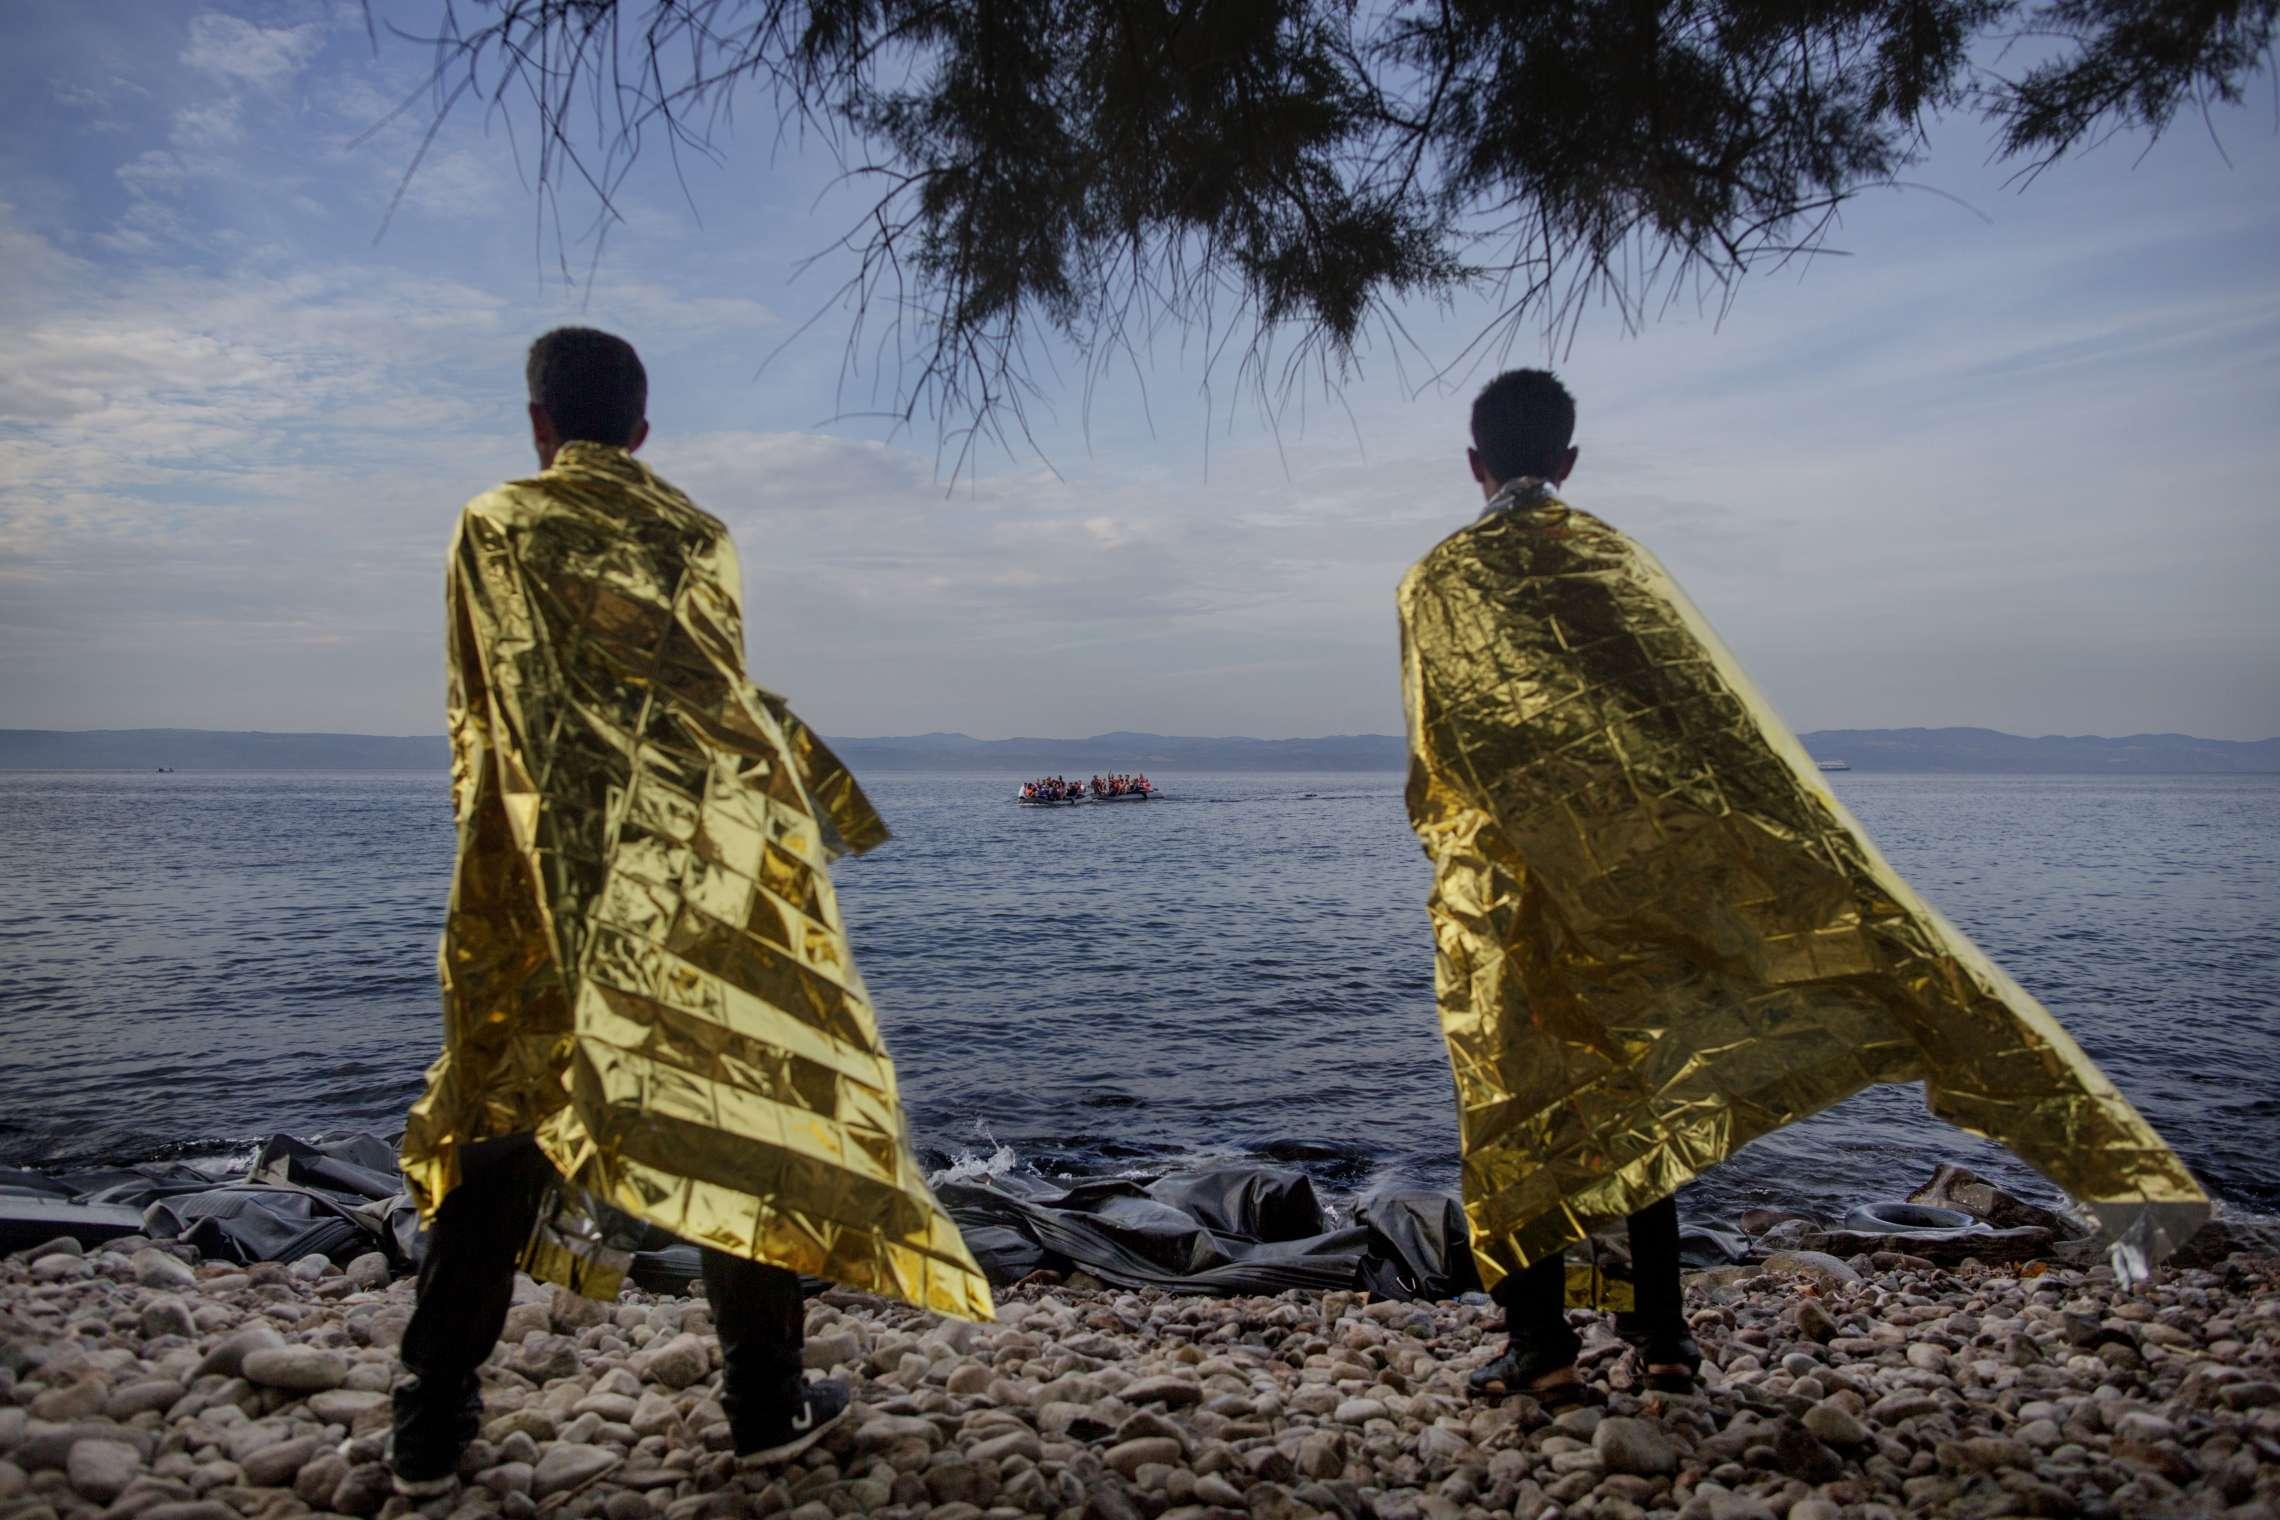 00619 08. Dokumentar utland 09.09.2015 04/10 Flukten til Europa To menn som ankom Lesbos noen minutter tidligere, forsøker å få tilbake vamen med varmefolier delt ut av frivillige mens de ser to nye gummibåter med flyktninger ankomme. Denne dagen kom rundt 40 båter til den greske øya med mer enn 2.000 flyktninger. Over en million flyktninger har kommet til Europa i 2015 via sjøveien, en stor andel av dem syrere som rømmer fra den brutale borgerkrigen i deres hjemland. De aller fleste av dem har fulgt ruten gjennom Tyrkia, Hellas, Balkan til nord-Europa. Tusener har omkommet i overfylte båter på Middelhavet, desperate flyktninger har levd i overfylte leire, europeiske myndigheter har stått overfor den største flyktningkrisen på kontinentet siden 2. verdenskrig. Krisen har skapt splittelse i EU, grensegjerder har blitt bygget, men mest av alt har den bragt de globale utfordringene inn på vår dørstokk. Jeg fulgte i flyktningene fotspor, fra grensen mellom Syria og Tyrkia, til Hellas, Makedonia, Serbia, Kroatia, Slovenia til Tyskland.